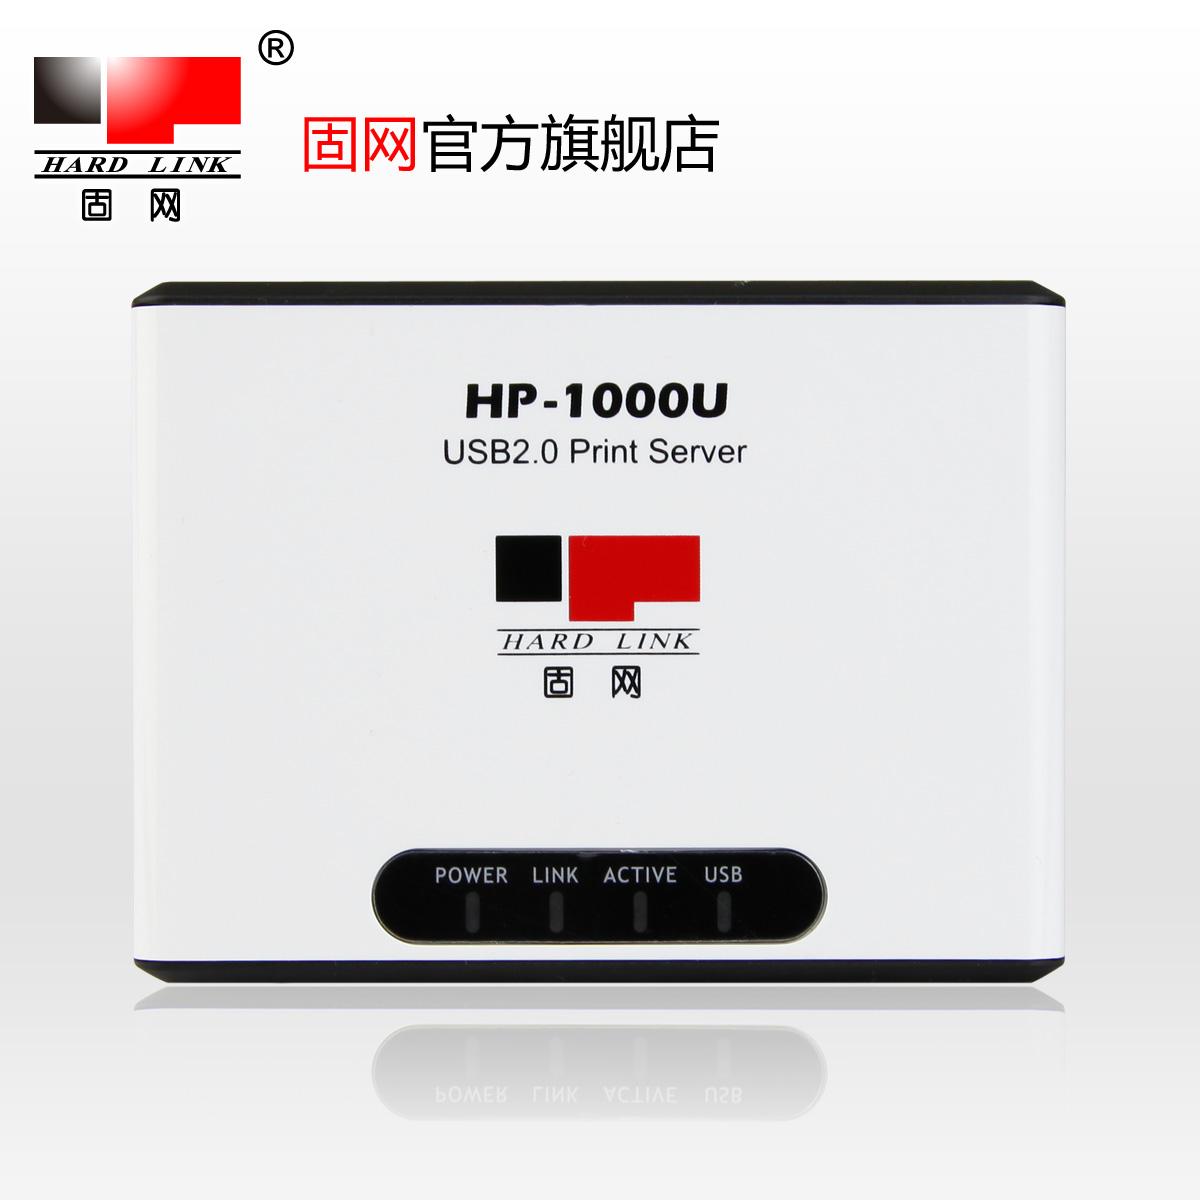 Твердый чистый HP-1000U один U рот сеть печать служба устройство в целом наслаждаться устройство официальная качественная продукция